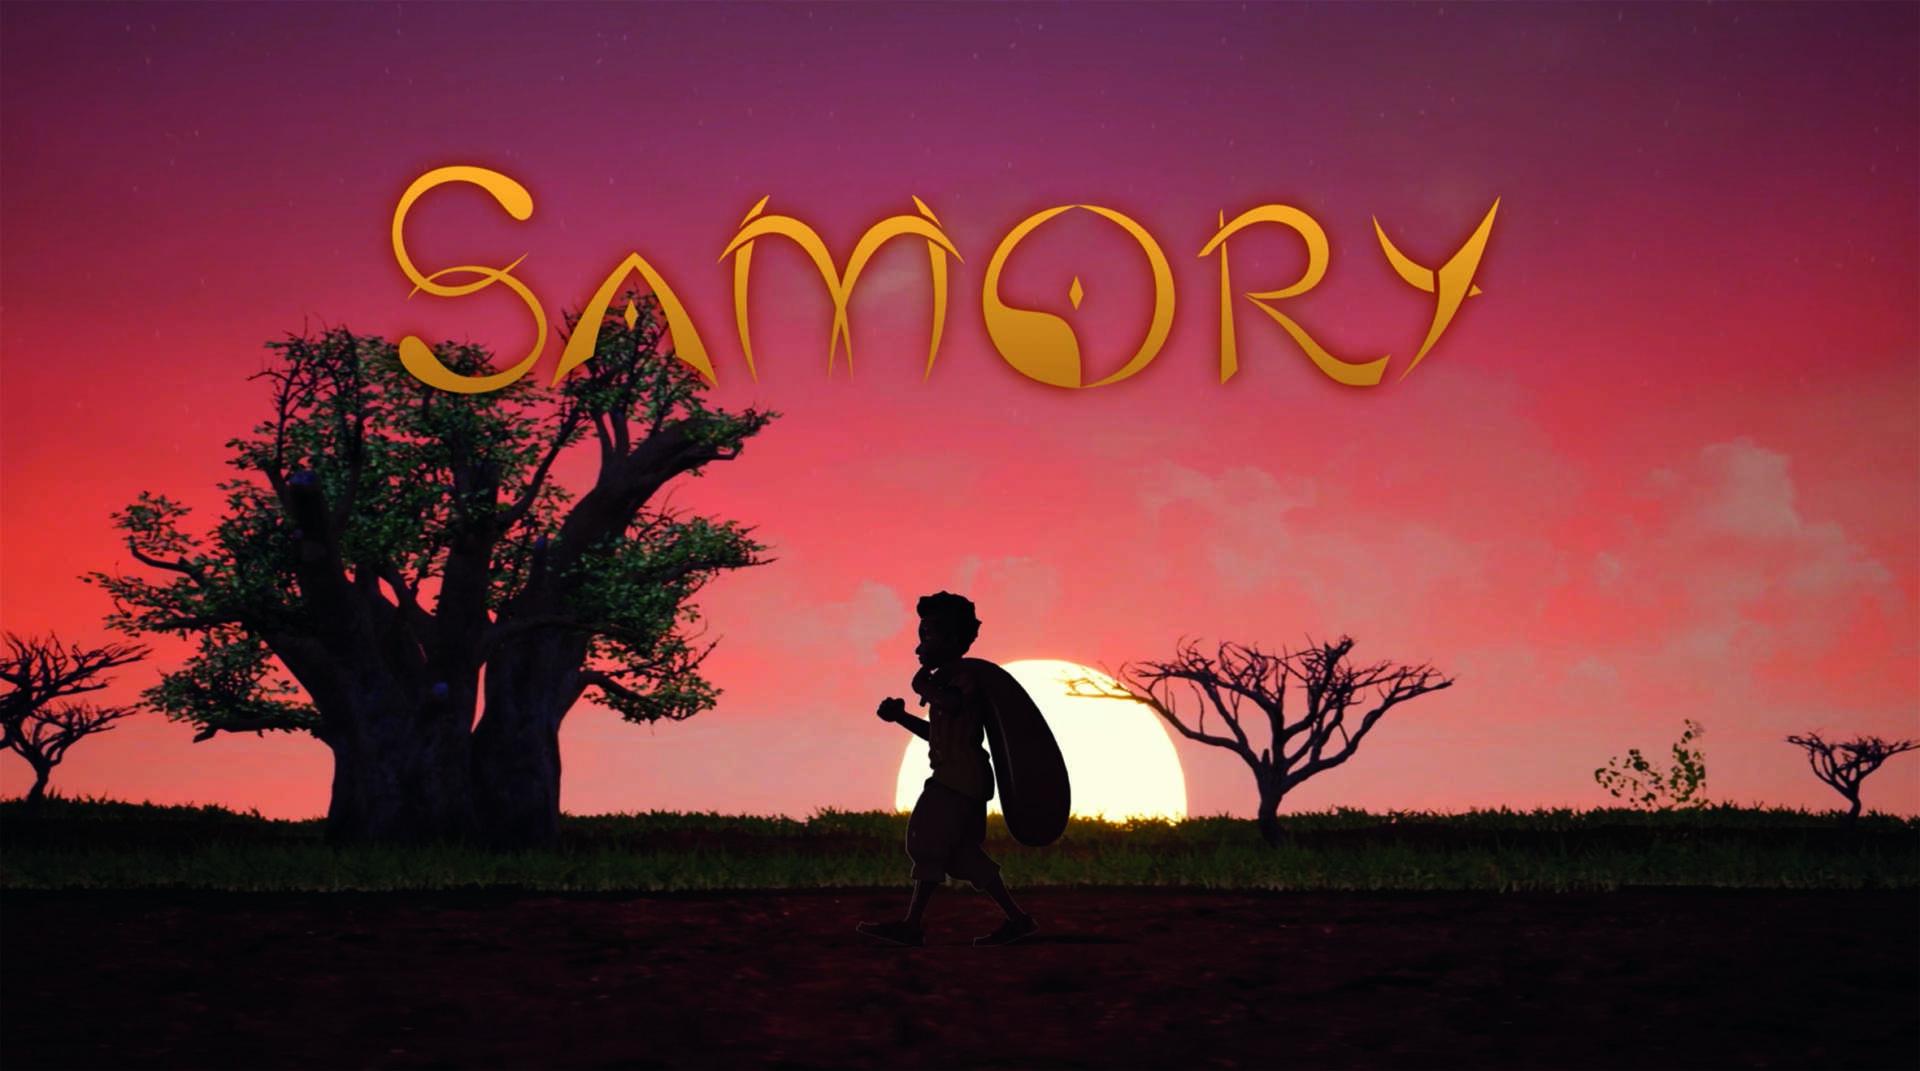 Samory, le nouveau film d'Afrikatoon